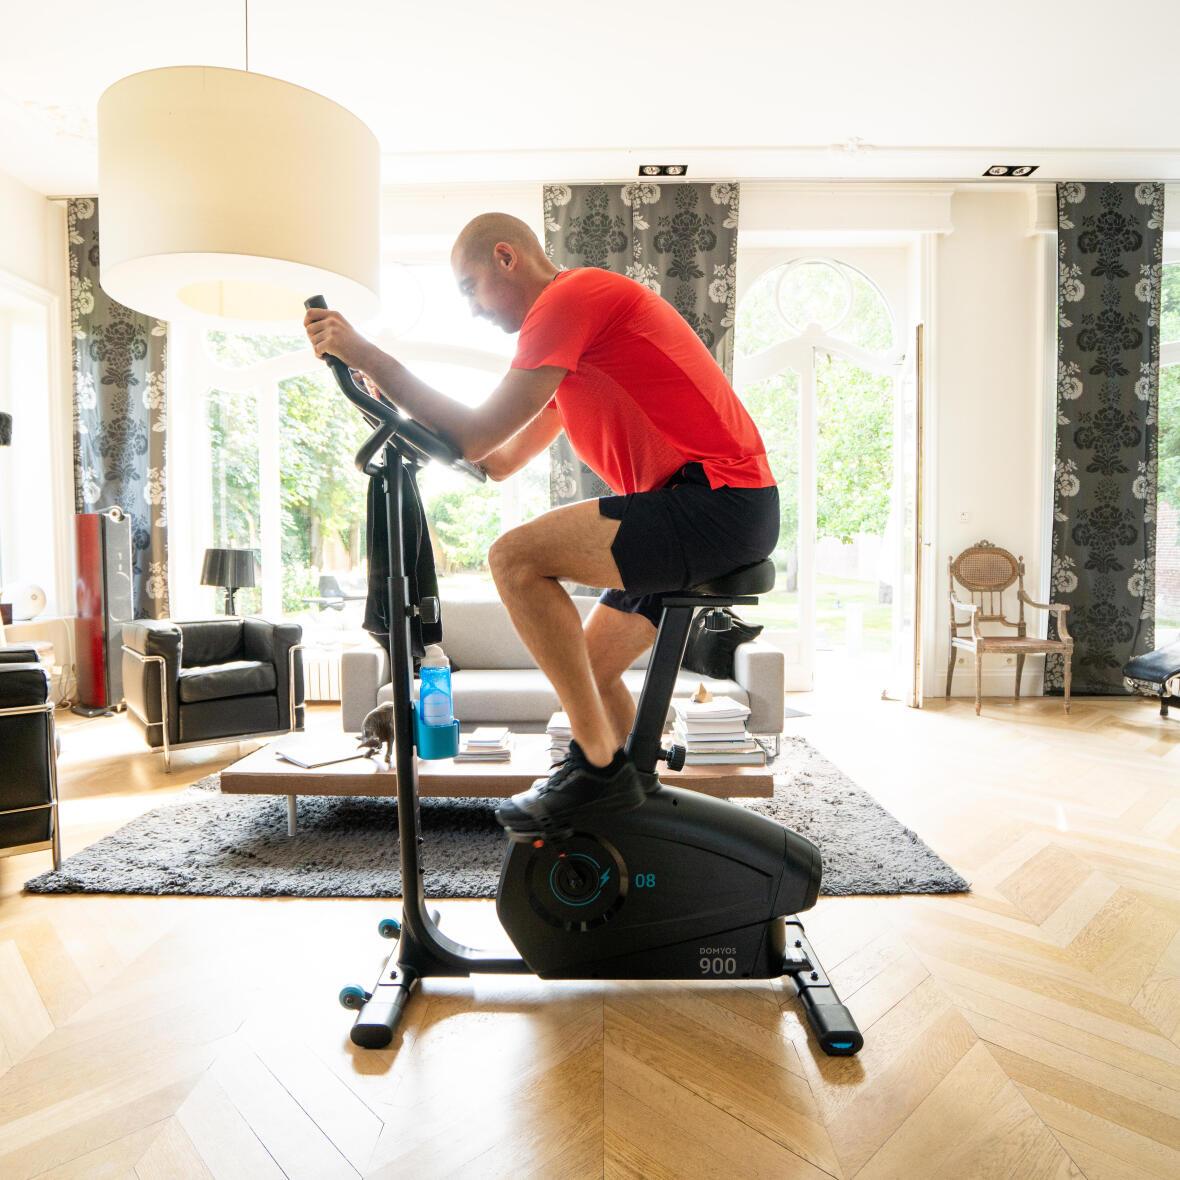 Motivation exercise bike